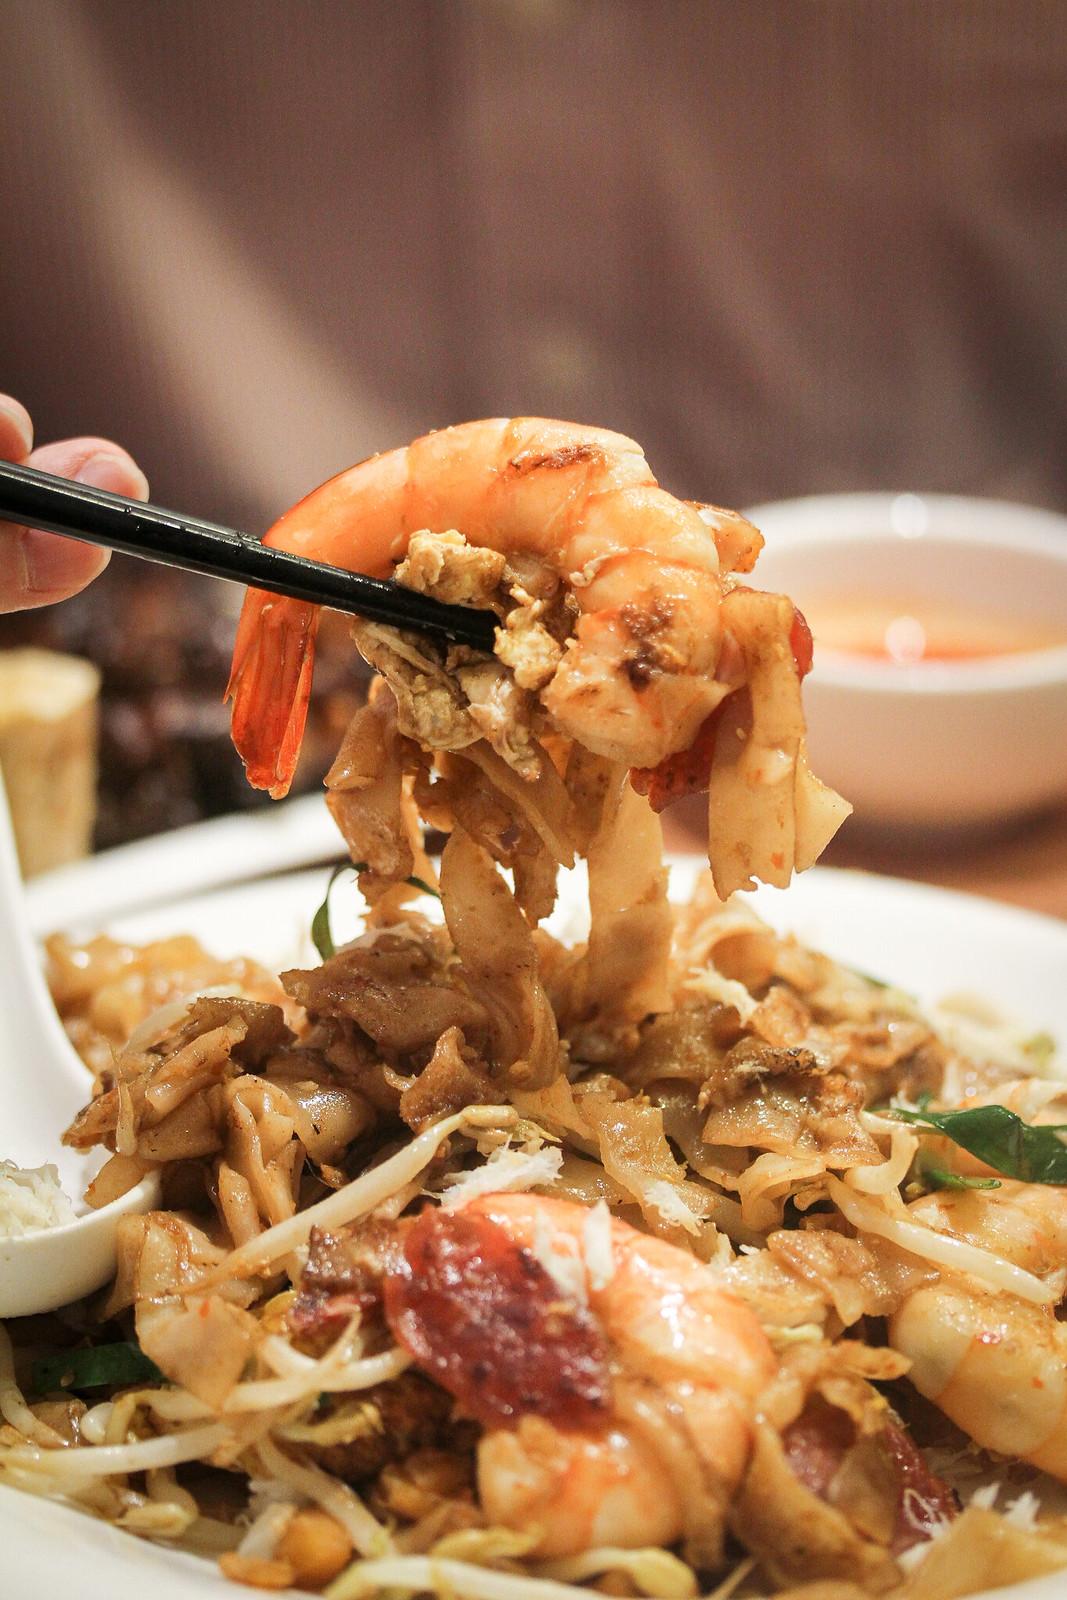 槟榔屿八哥对虾